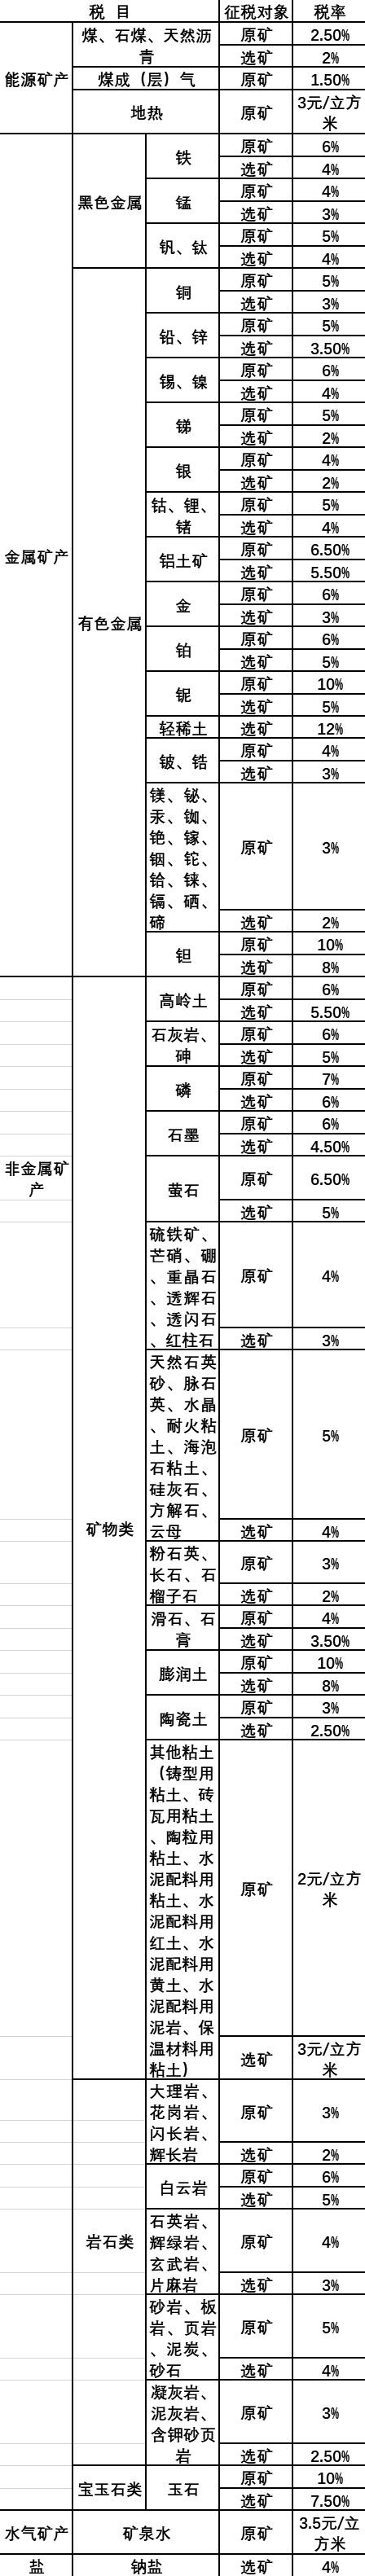 湖南现已发现资源实现税目全覆盖